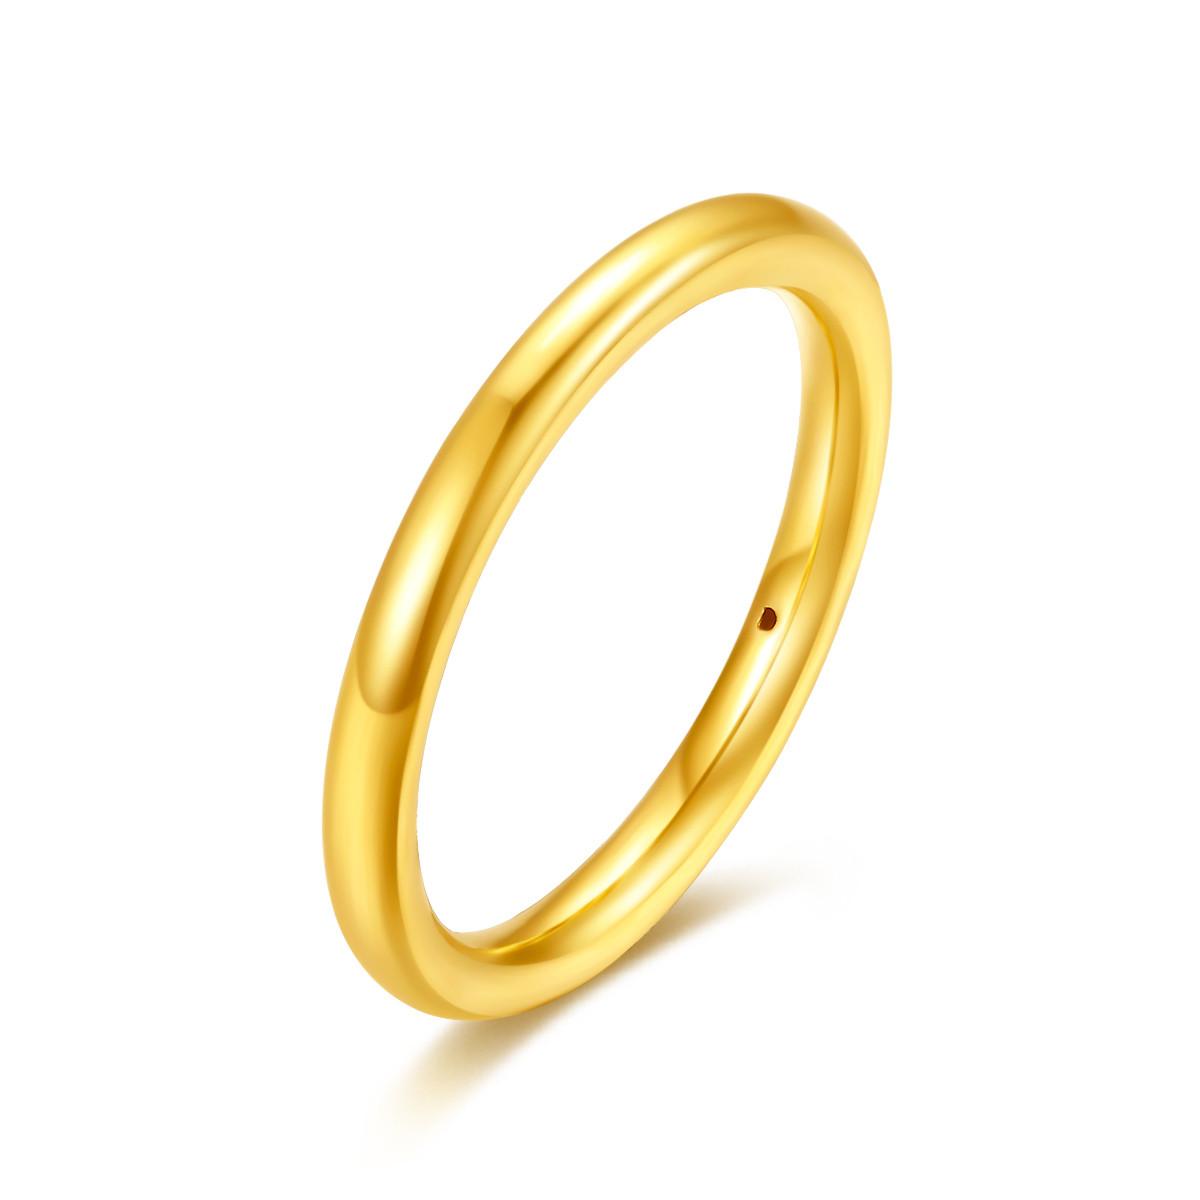 吉盟珠宝吉盟珠宝 黄金戒指女男士结婚戒光面新款简约足金素圈戒情侣对戒YR001